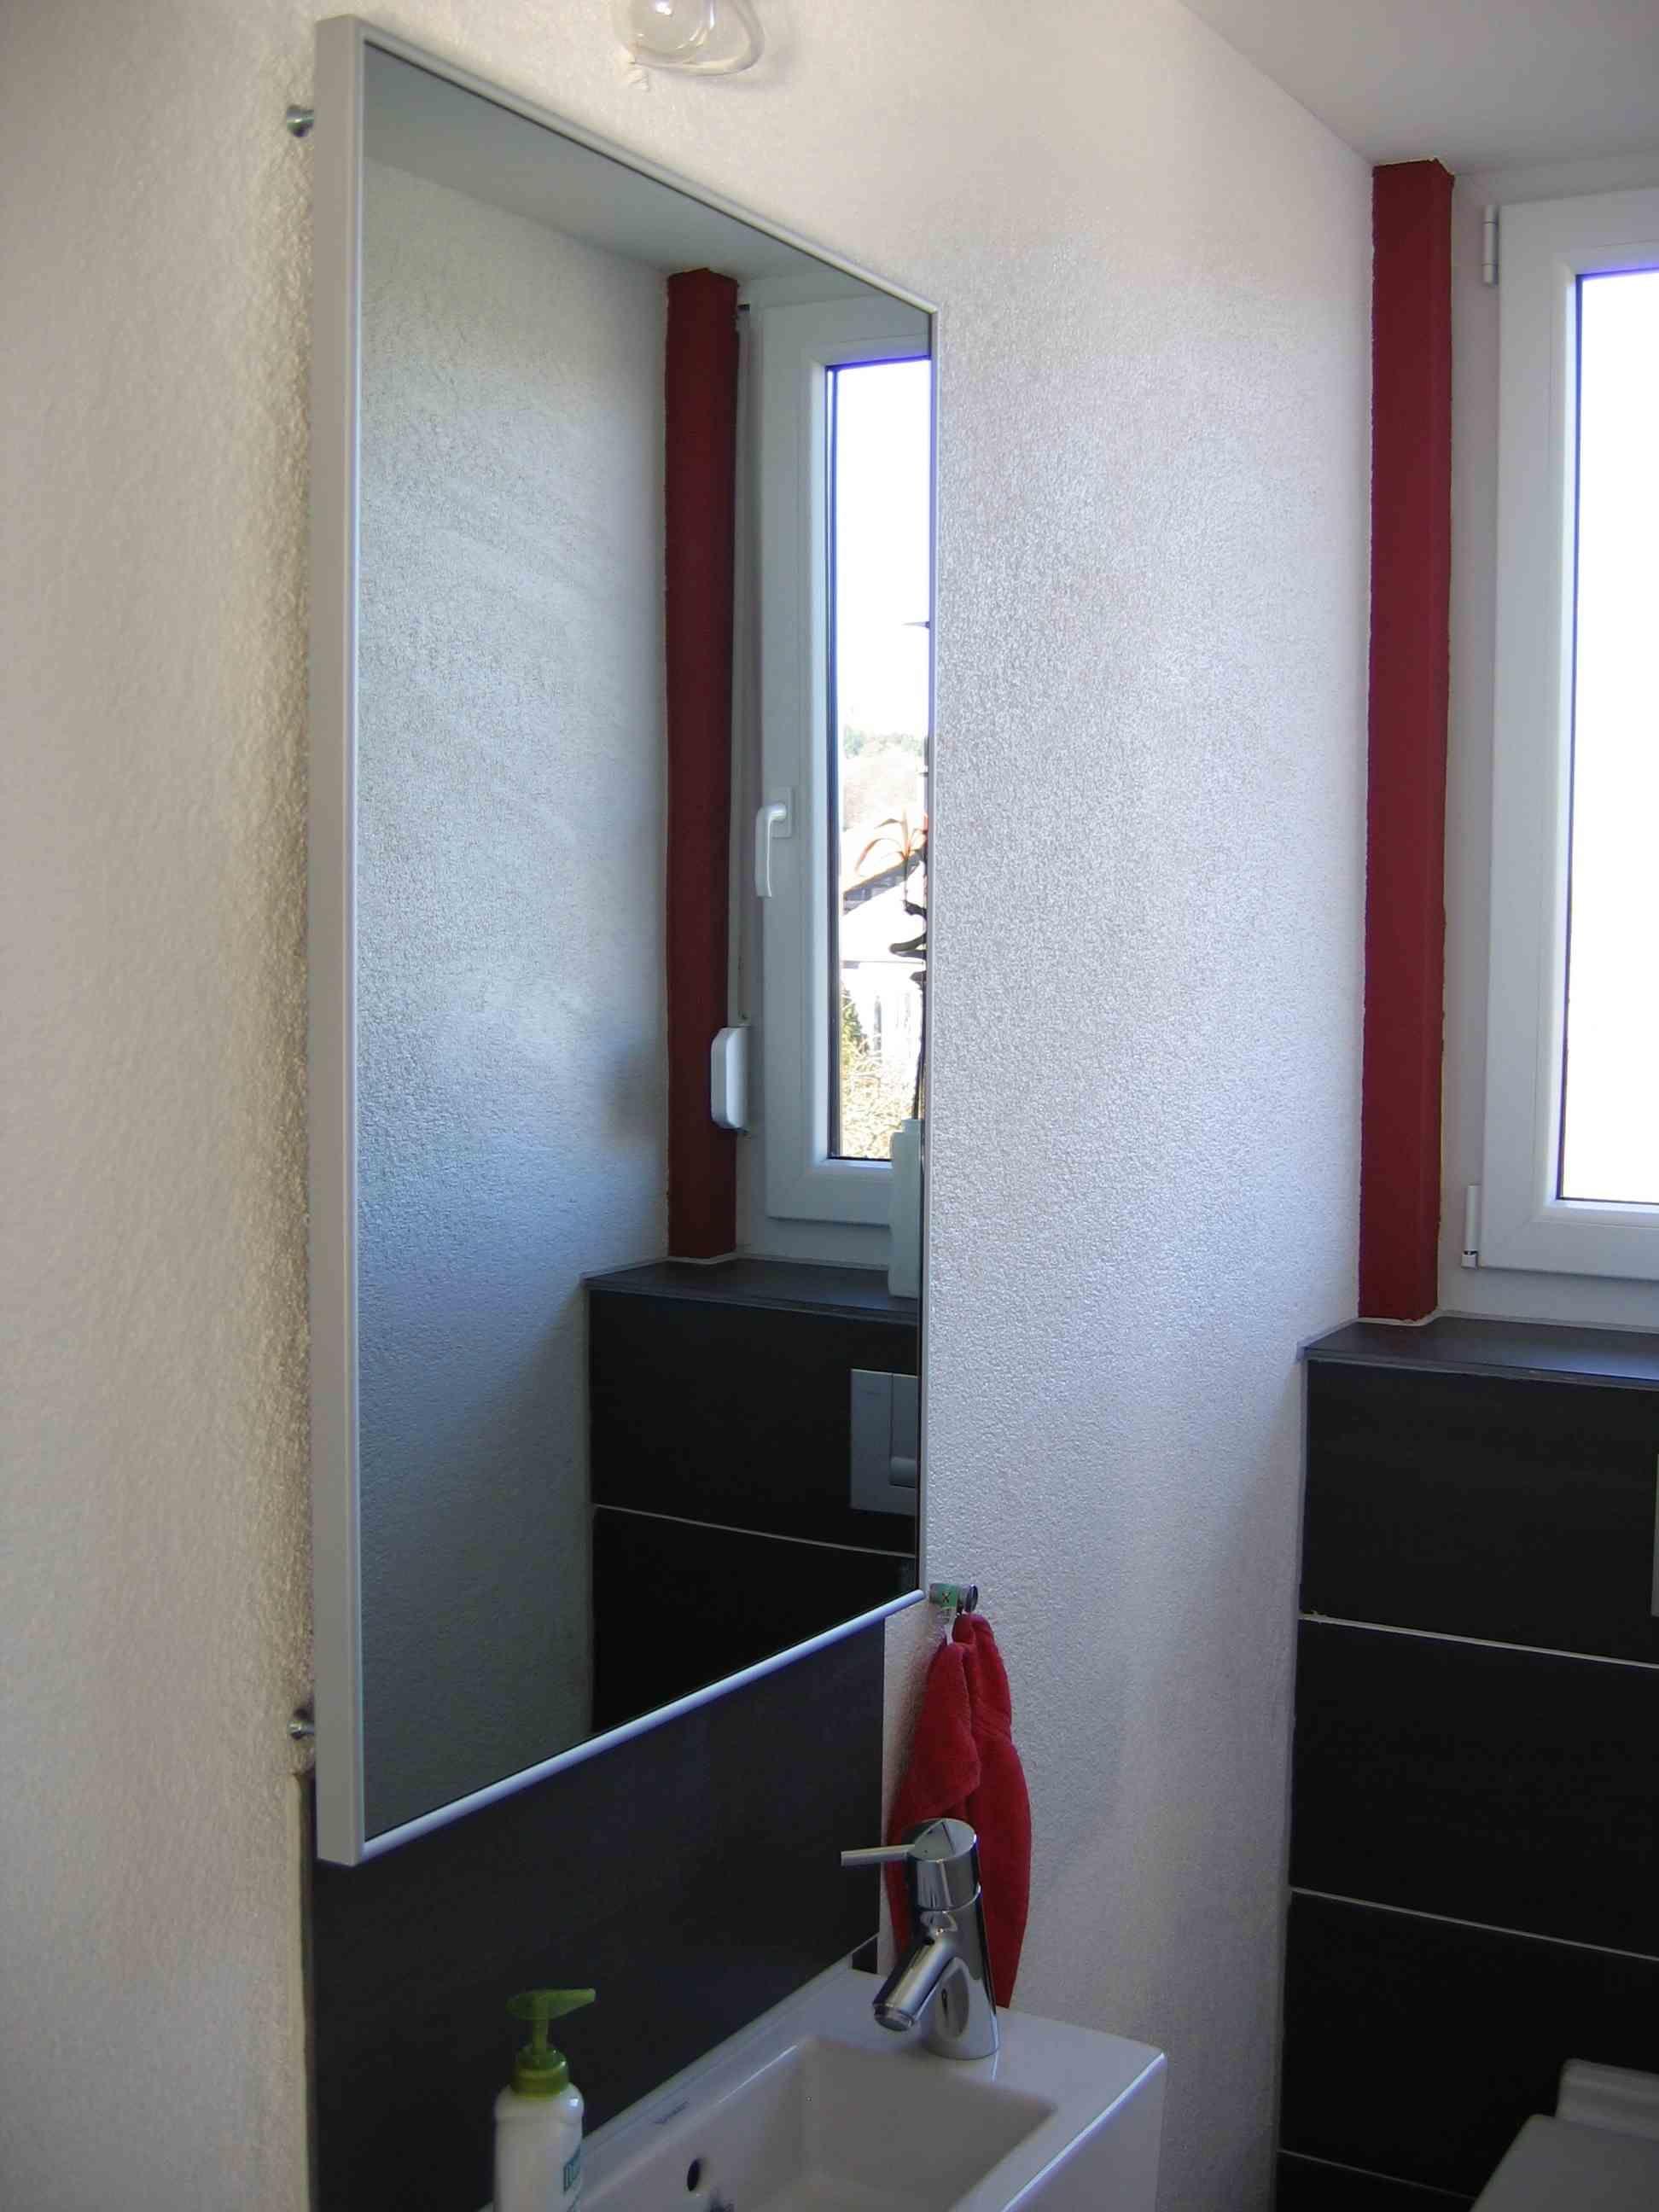 19 Wonderful Galerie Von Infrarotheizung Badezimmer Spiegel